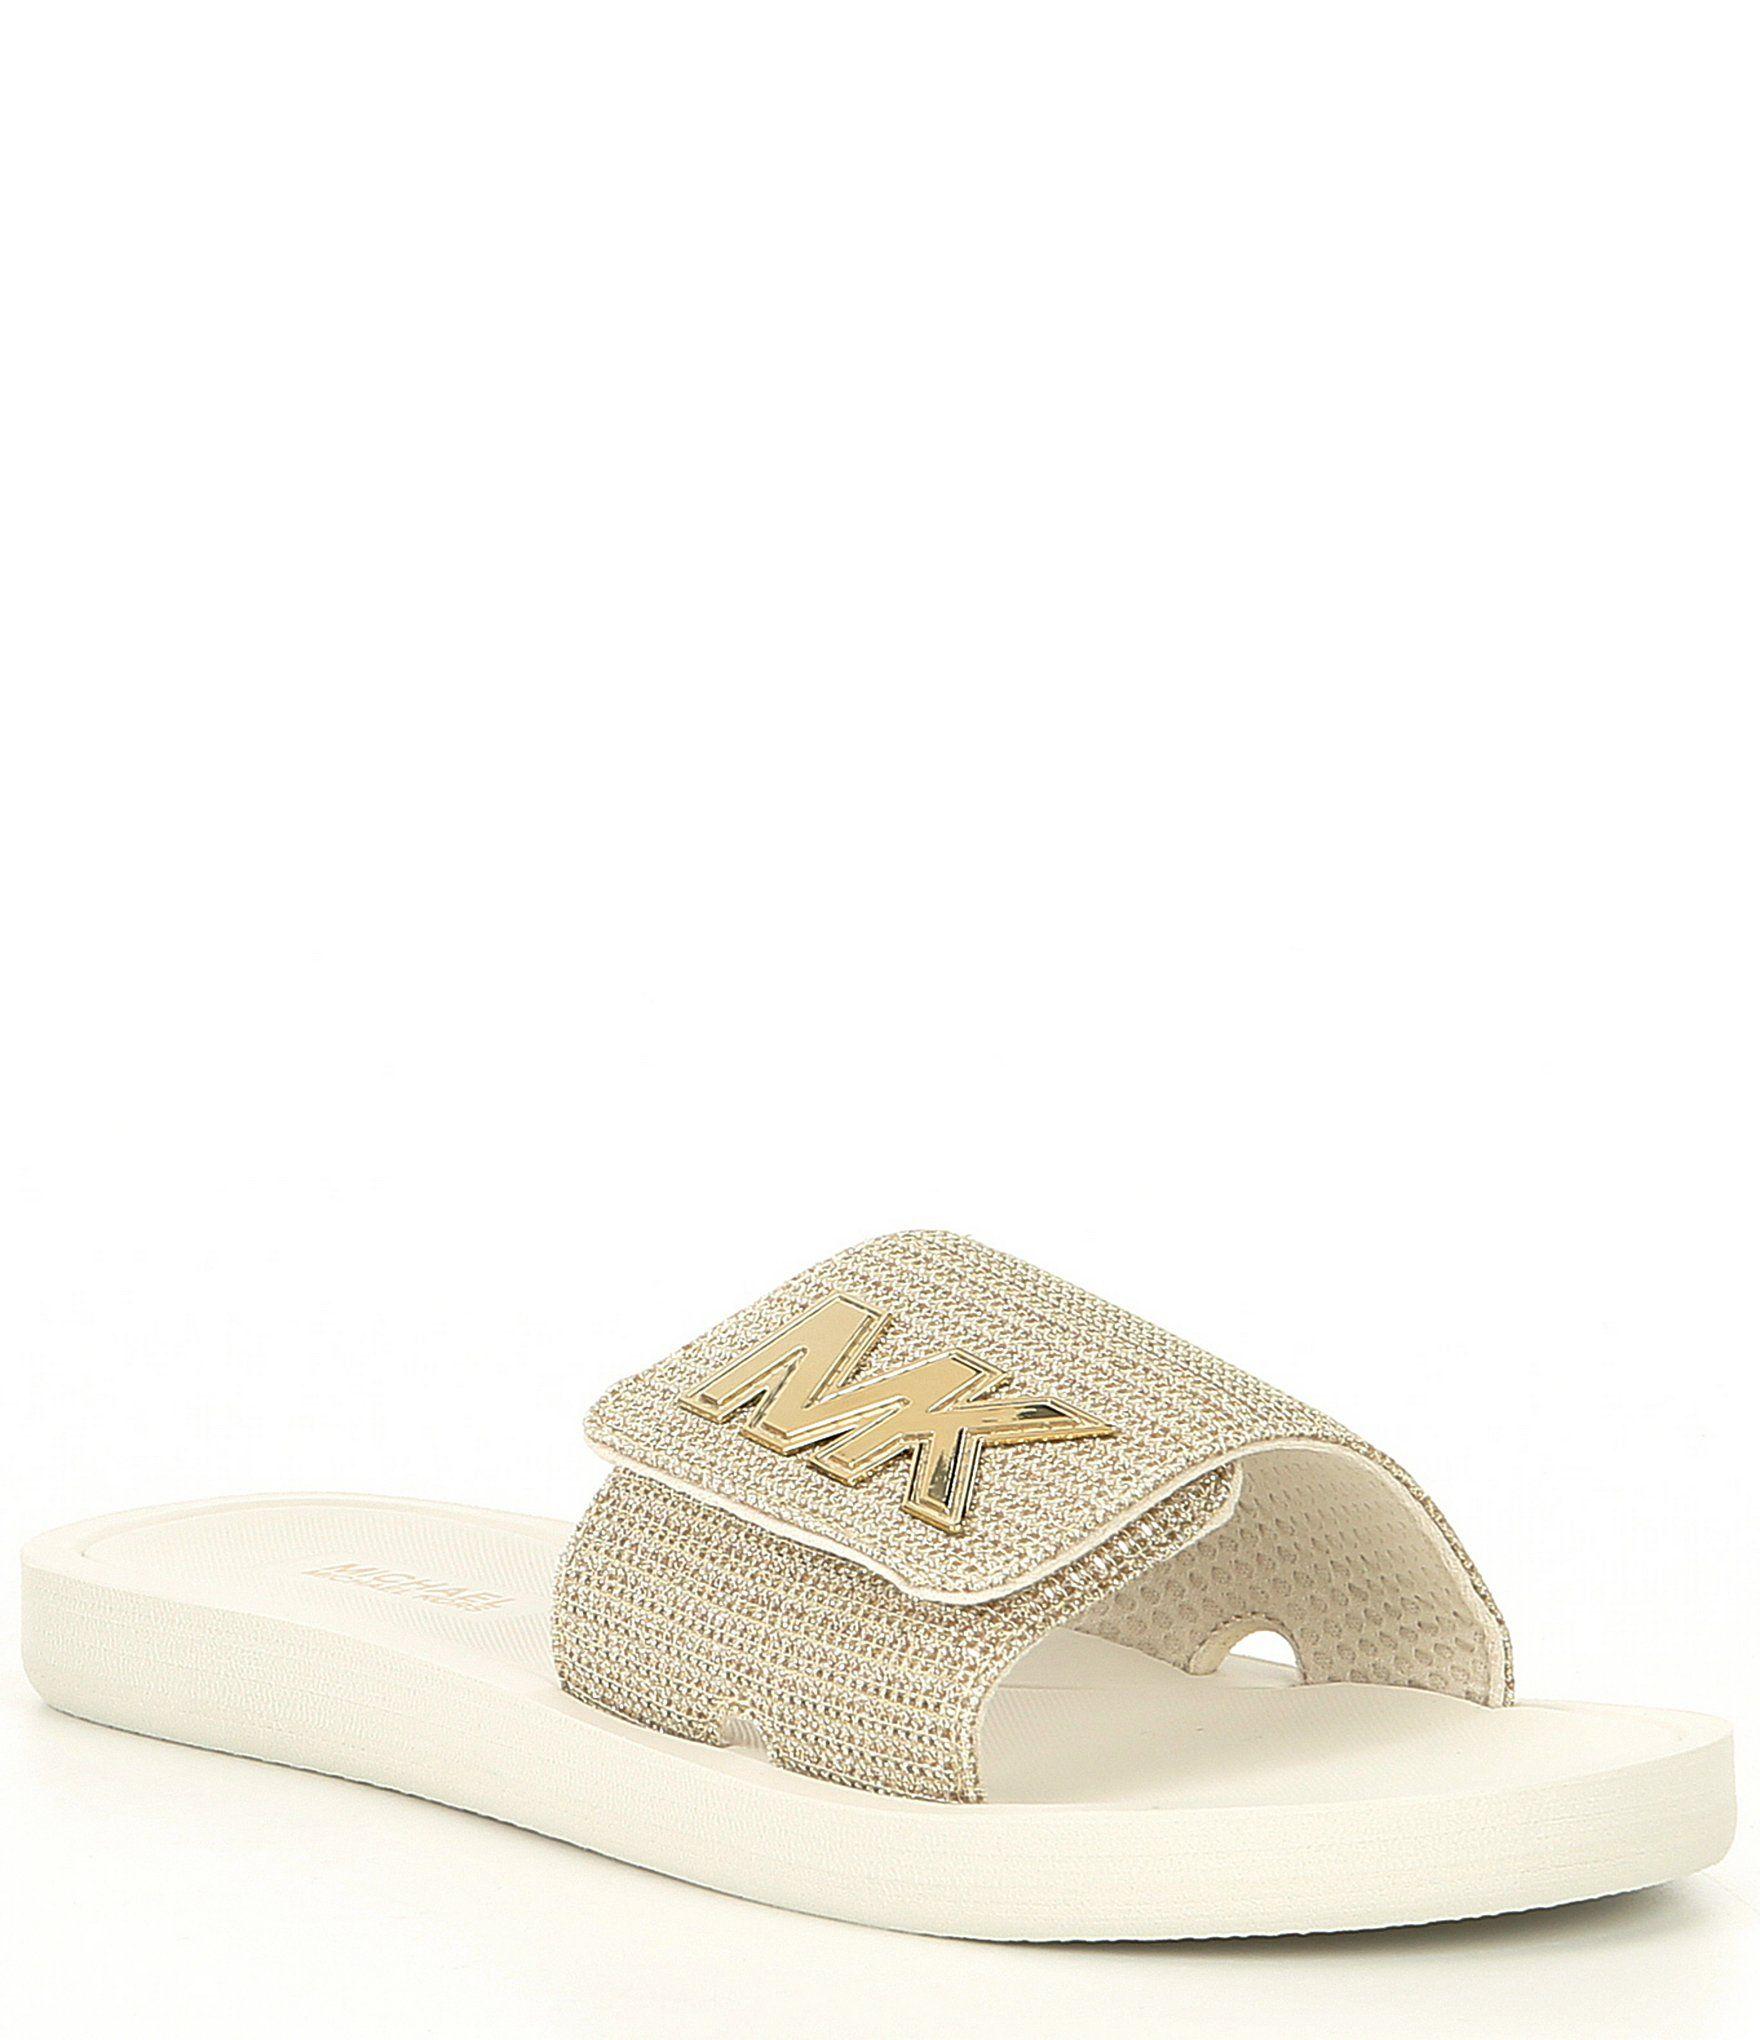 MICHAEL Michael Kors Glitter MK Logo Slides Rose Gold 10M